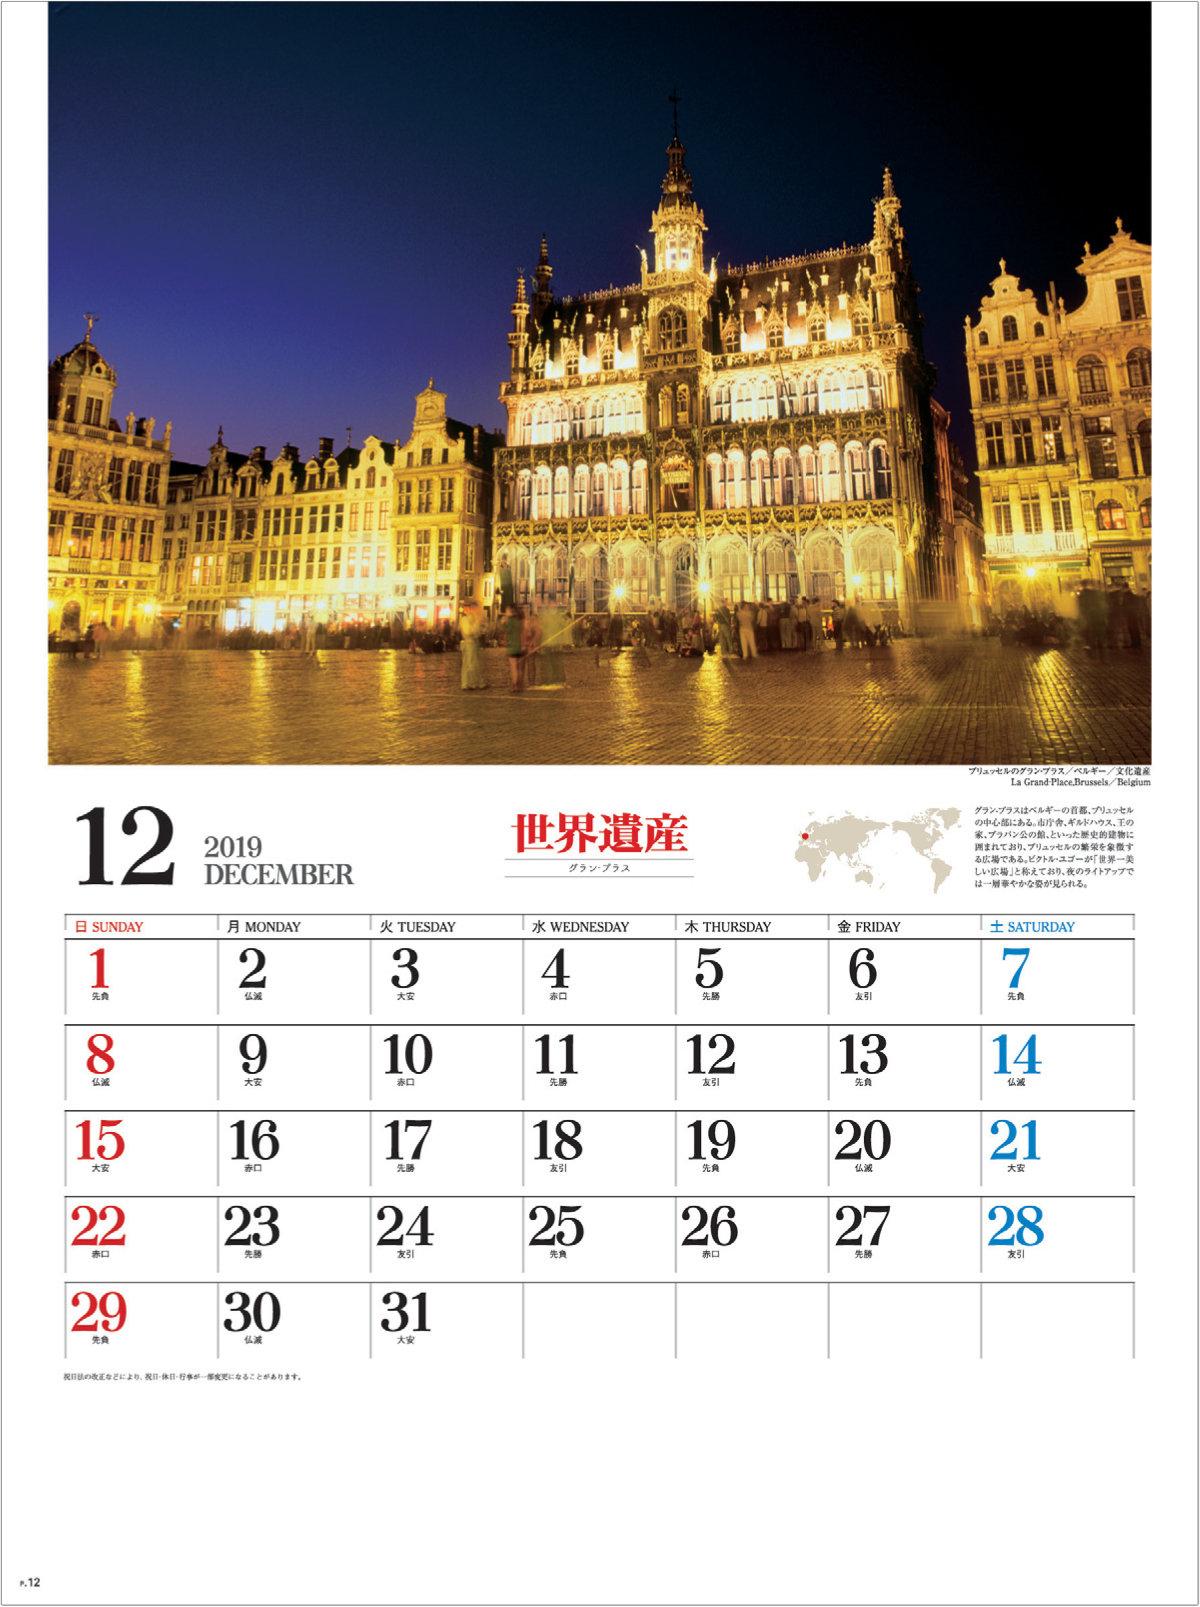 画像:ベルギーのライトアップされたグラン・プラス大広場 ユネスコ世界遺産 2019年カレンダー